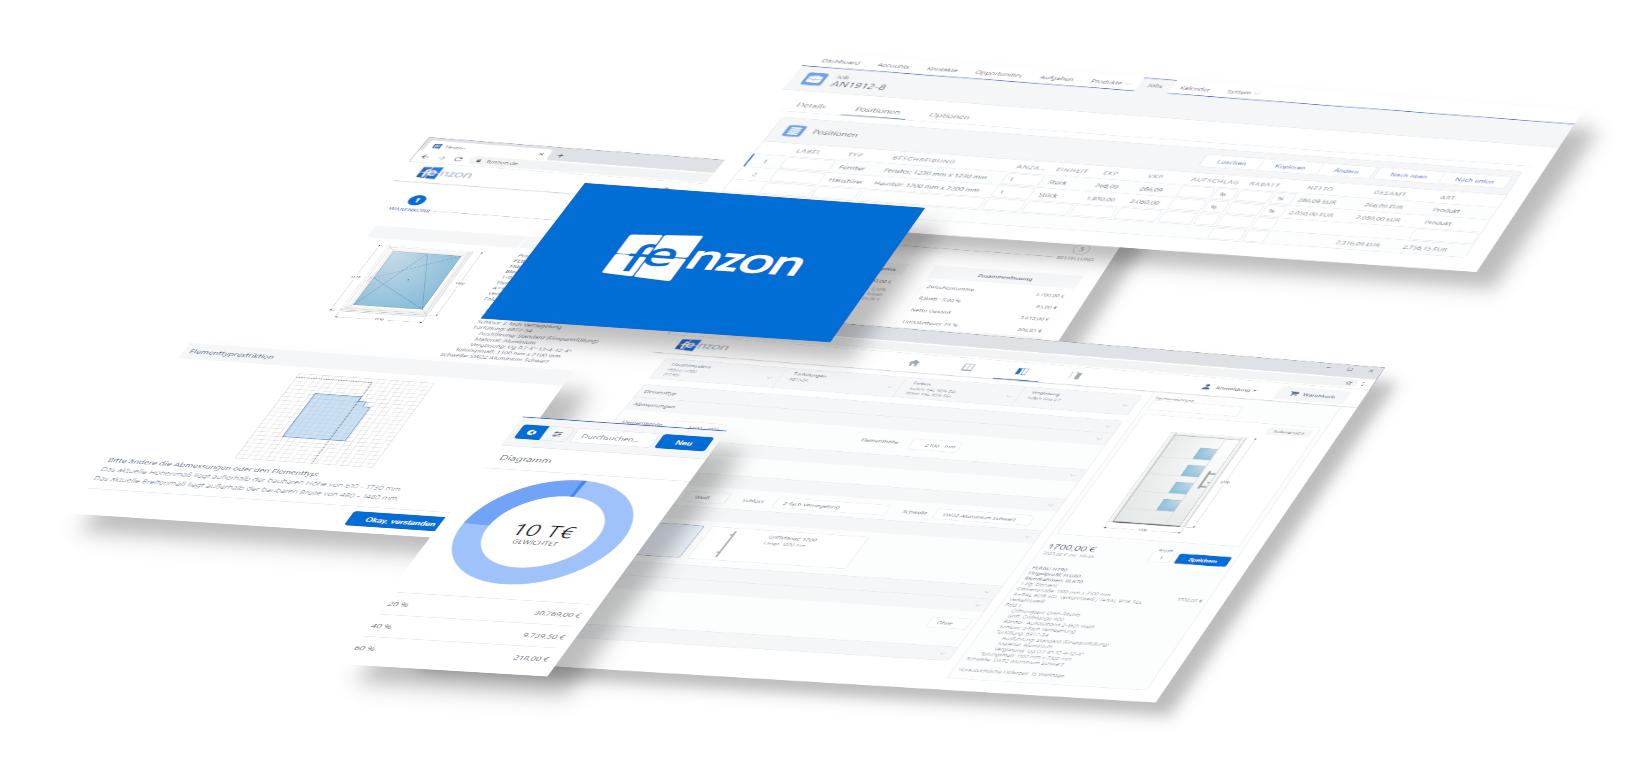 Bewertungen Fenzon: Software für Bauelemente - Appvizer